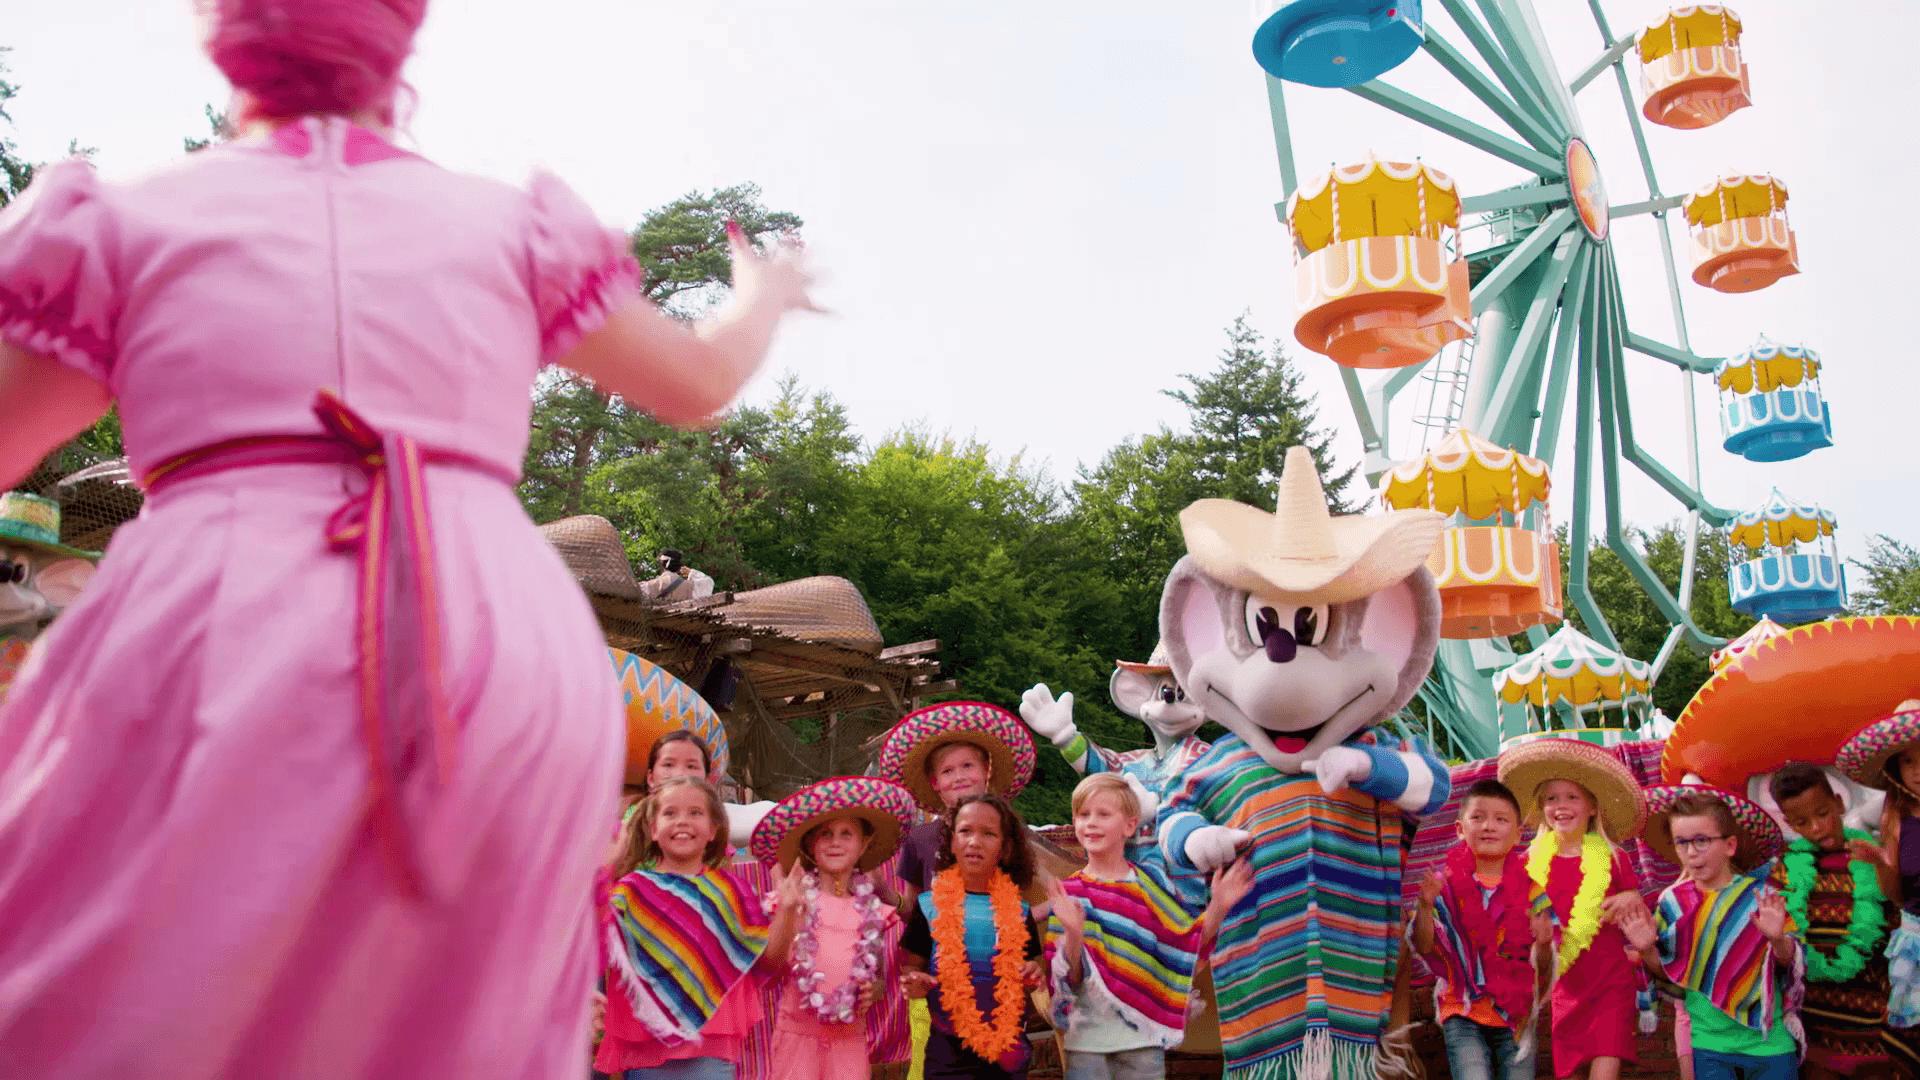 Zomerweken-vakantie-Kinderpretpark-Julianatoren-Mexicaanse-Dansshow